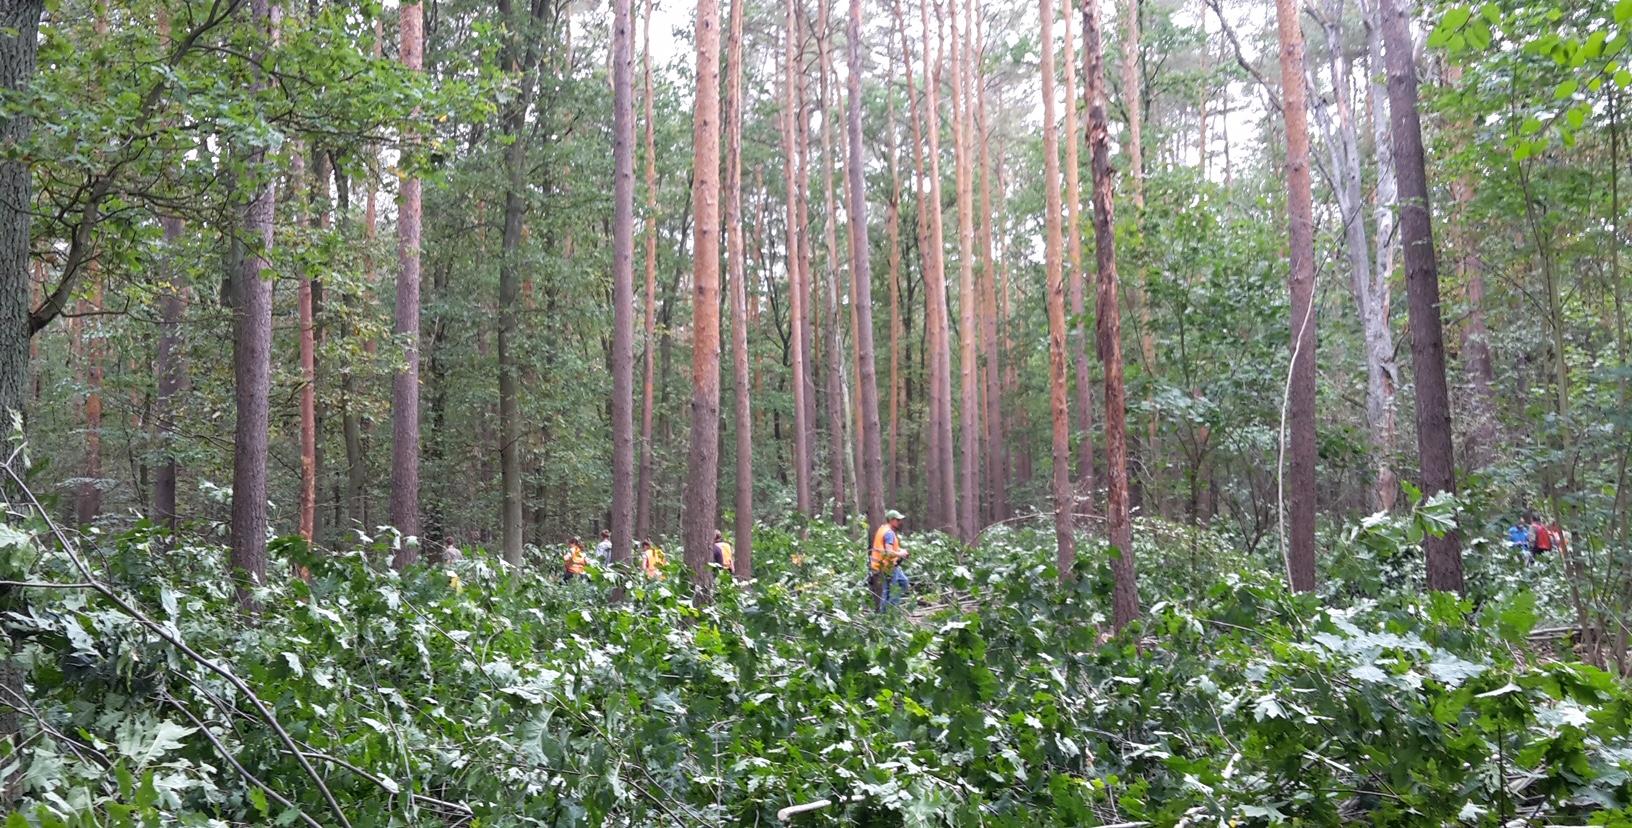 Böse Baumarten weichen für standortsheimische Arten